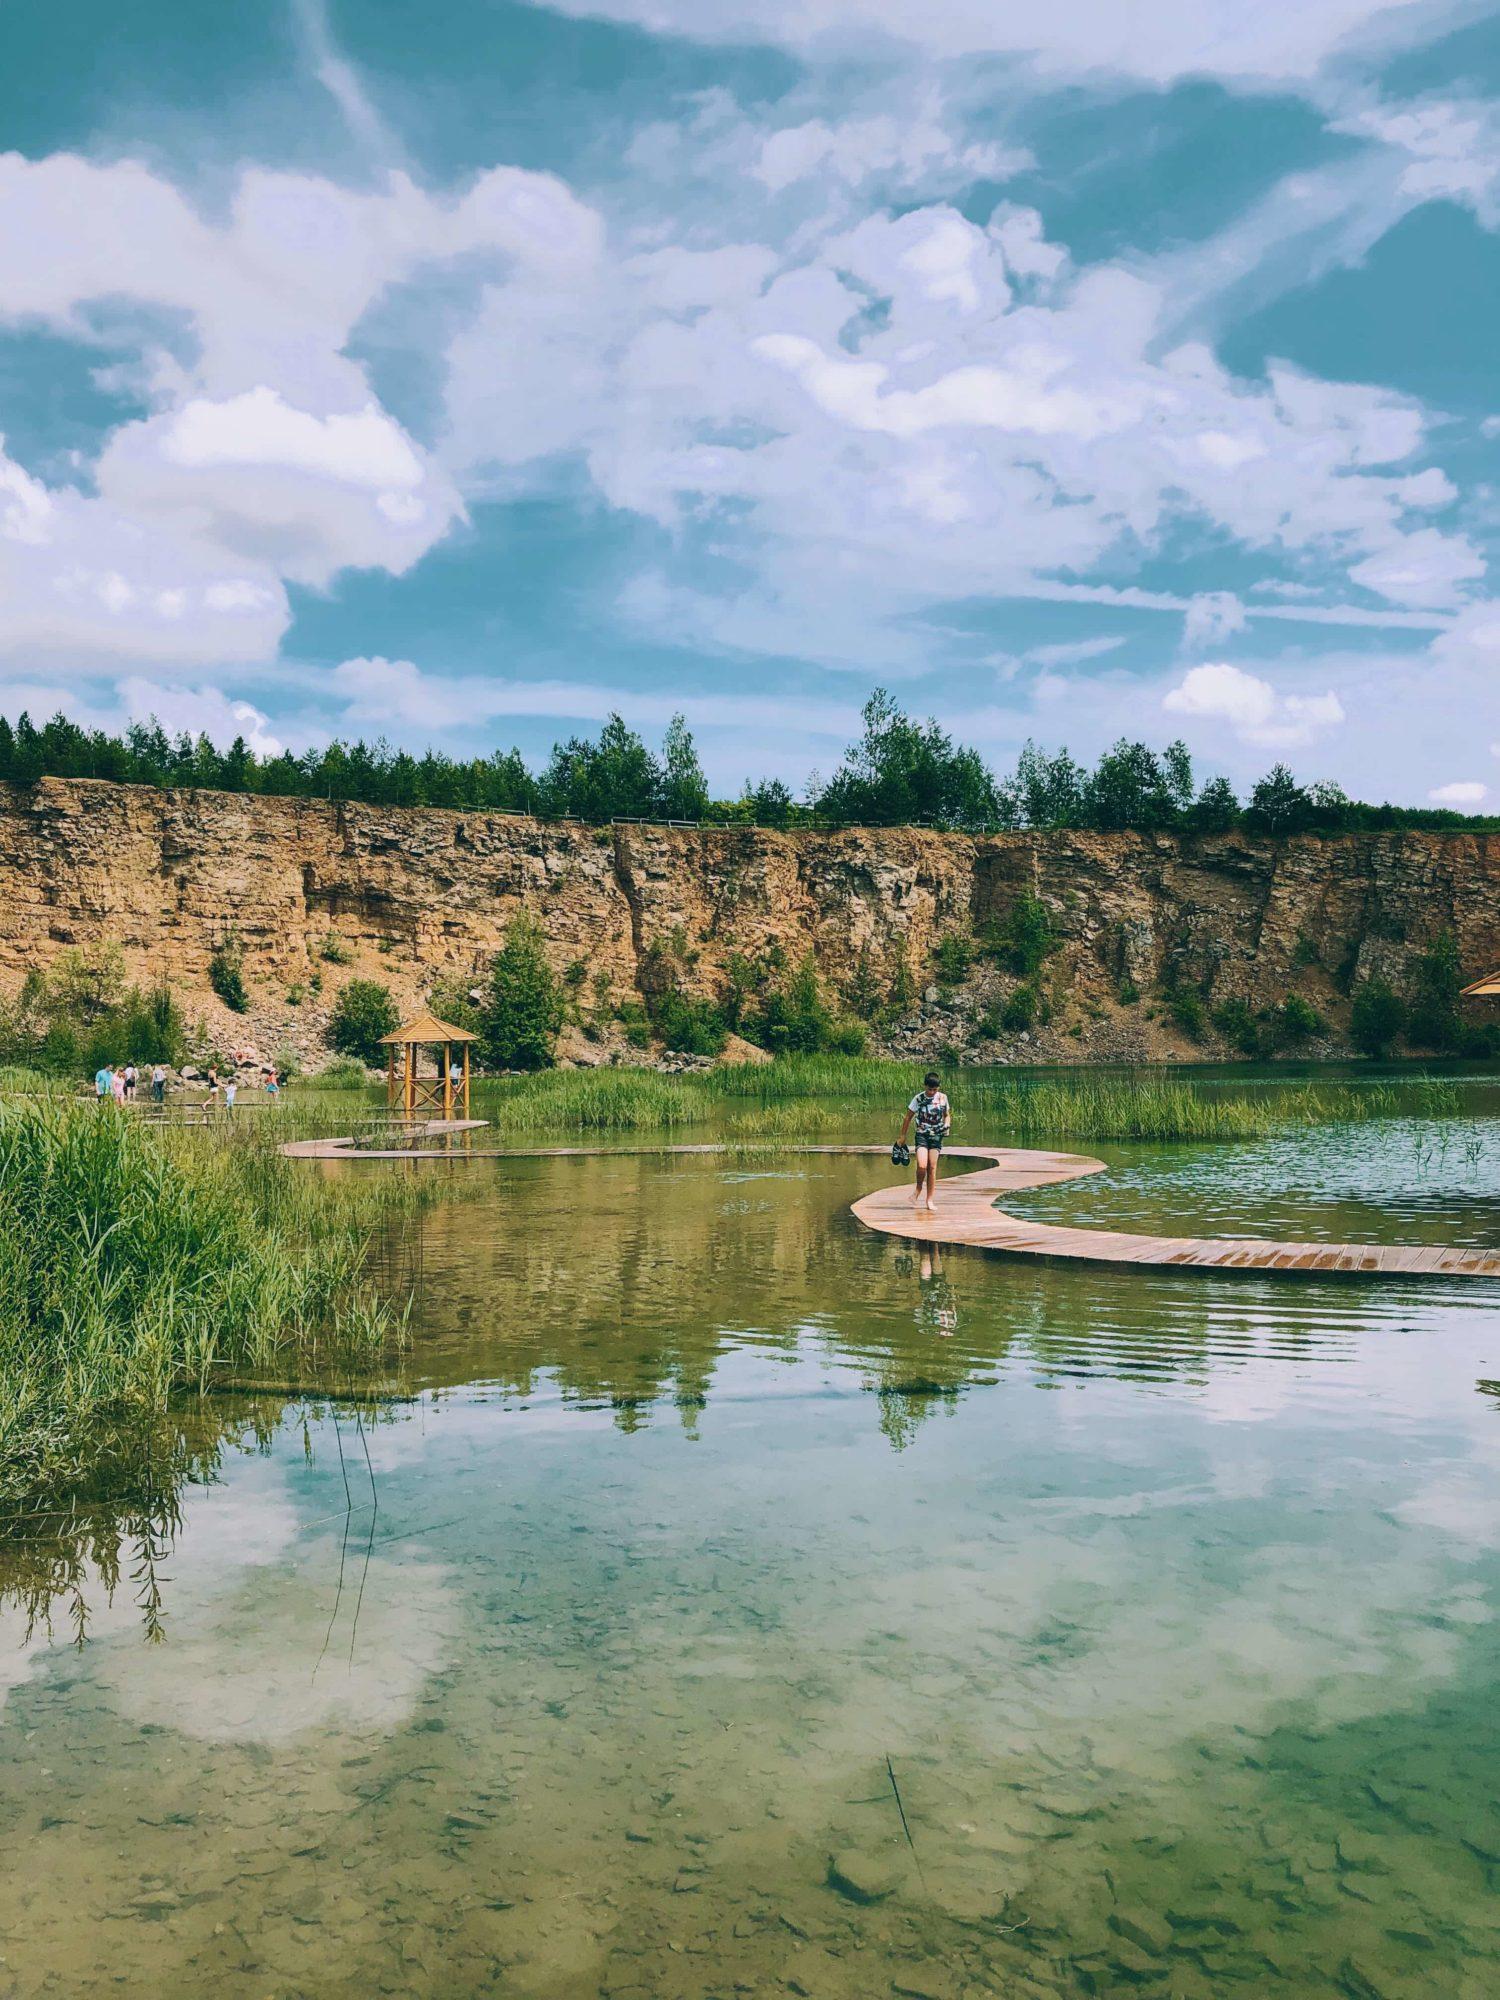 Park Gródek Jaworzno – Zbiornik Wydra kładki na wodzie kamieniołom z katowic na jeden dzień, woda turkusowa